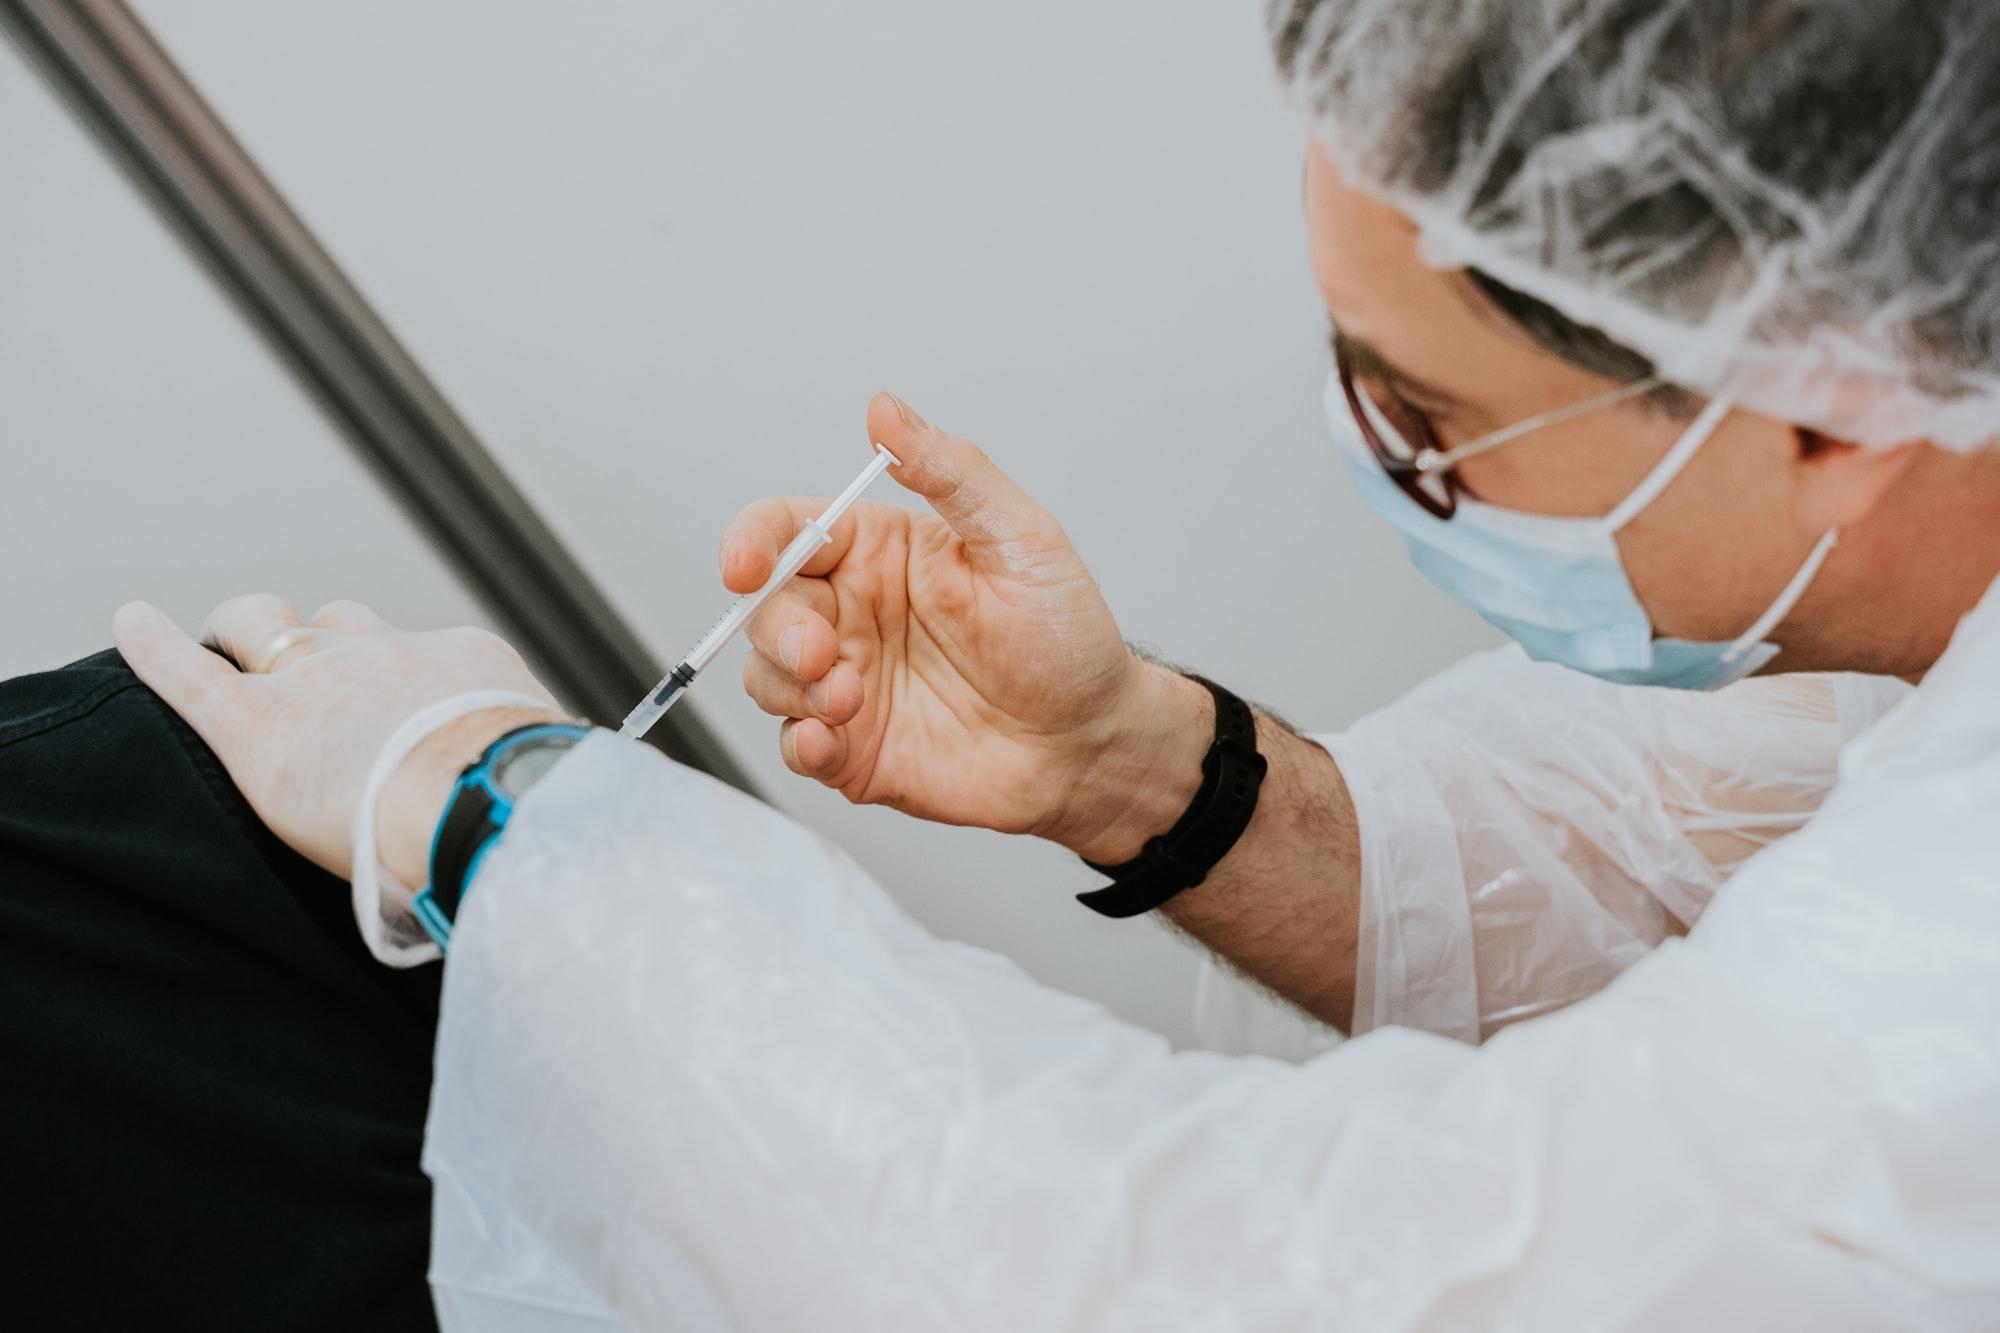 大学暂停新冠疫苗接种